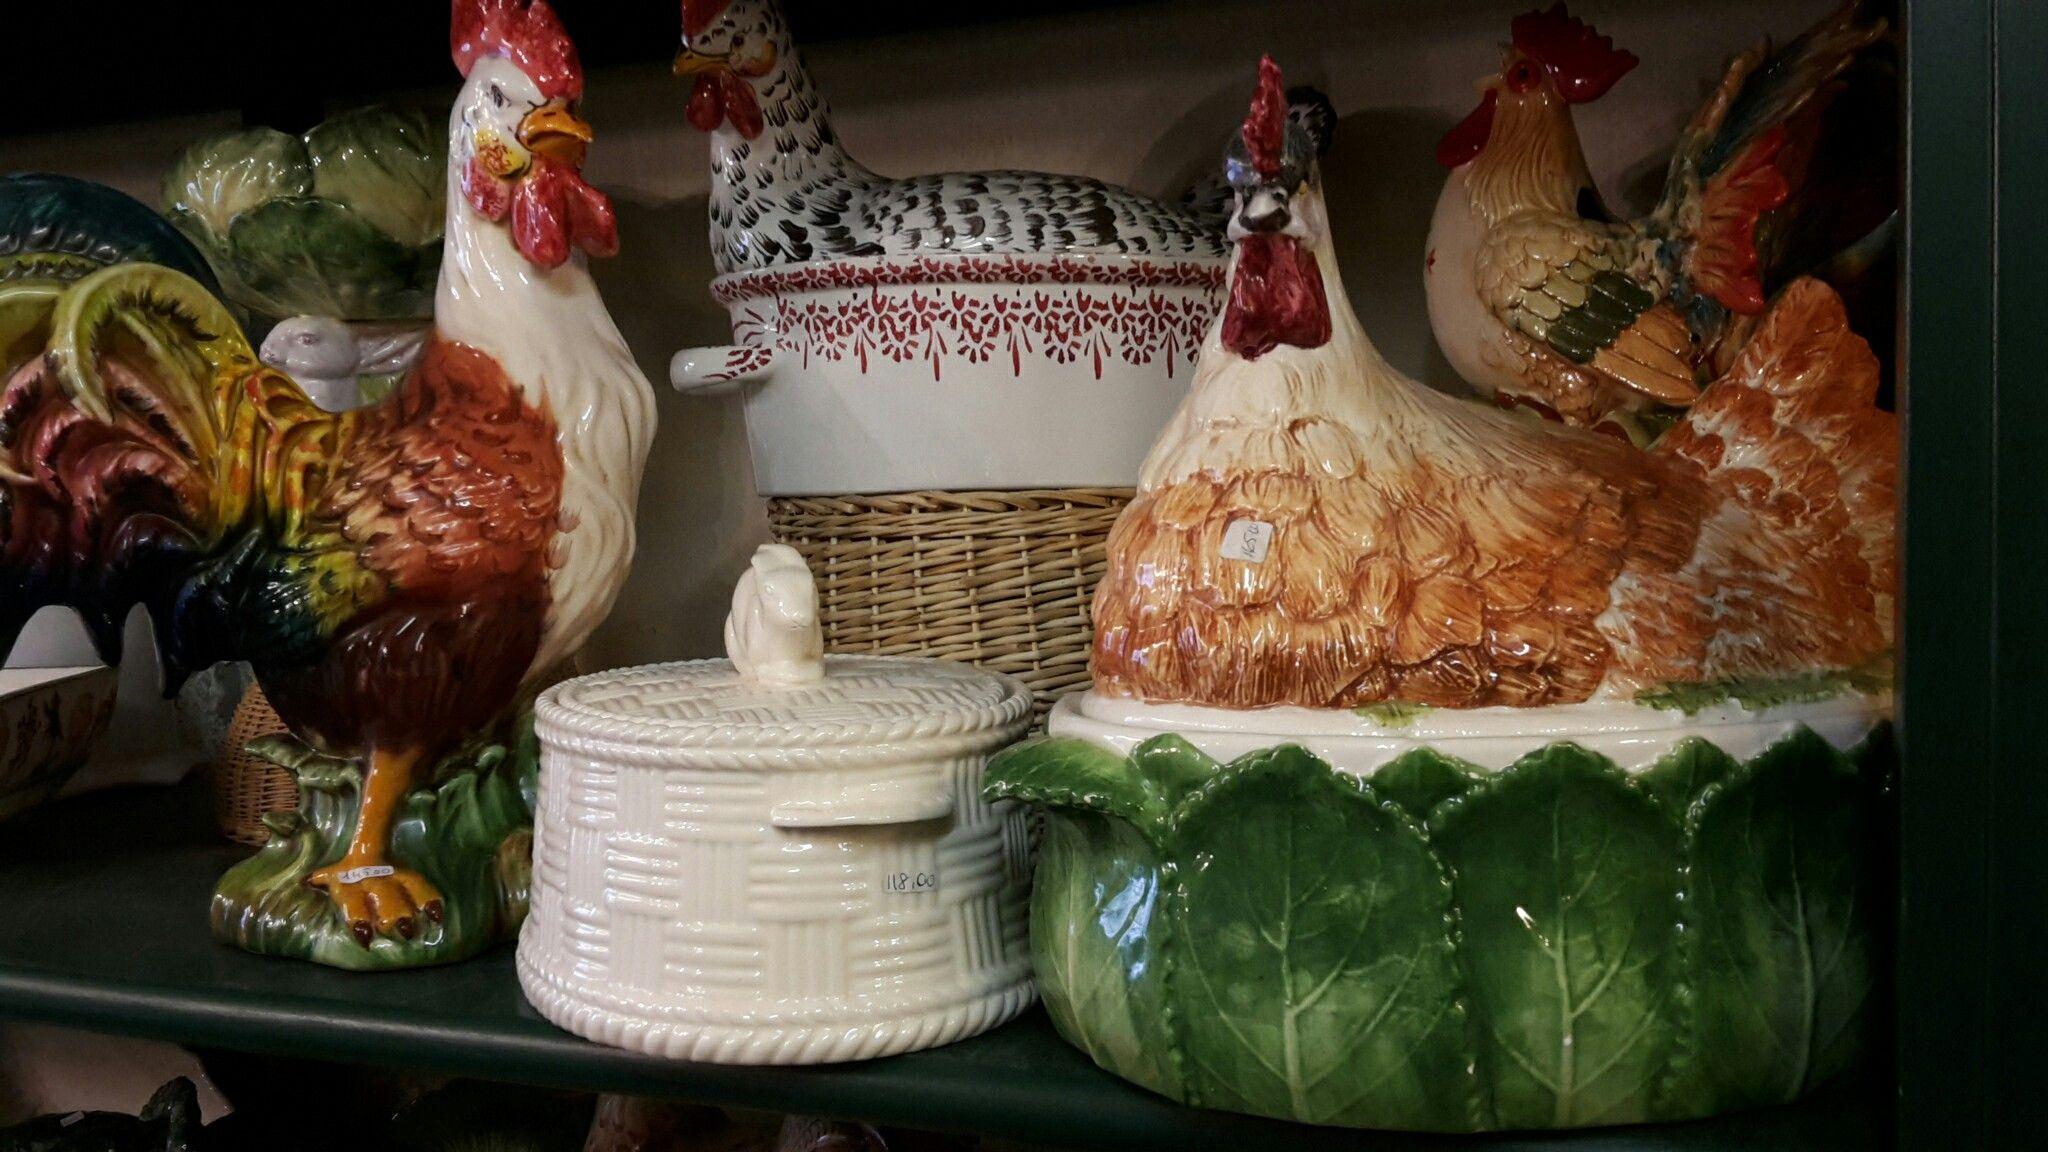 #poultryforanyone #hen #galline #megliounagallinaoggi #egg #pottery #earhenware #ceramica #rooster #gallo #picnic #terracotta #terraglia #terrina